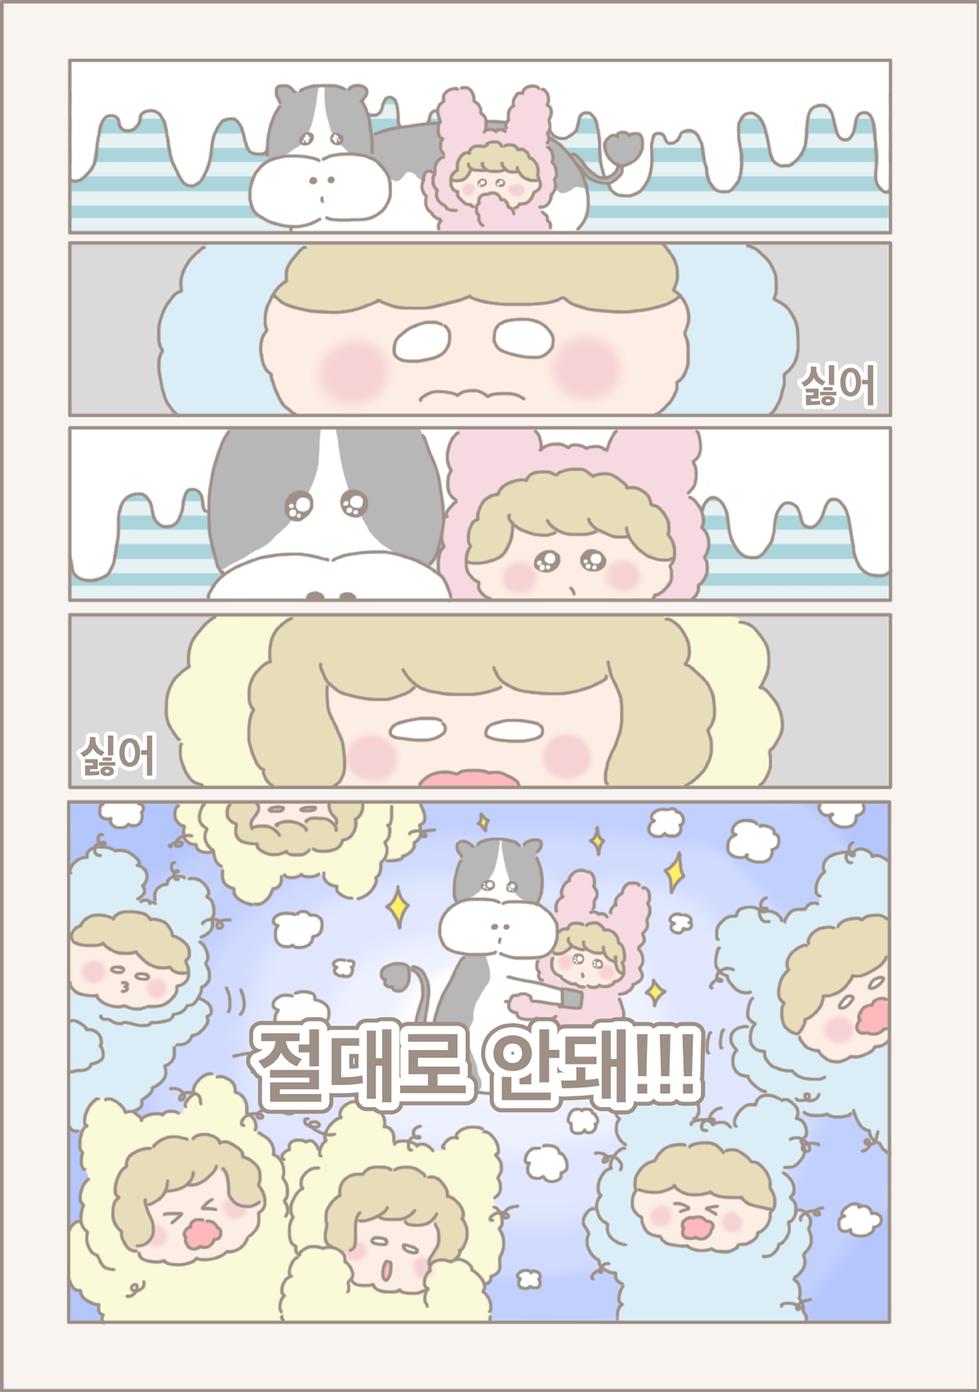 cam1-9_korean.png